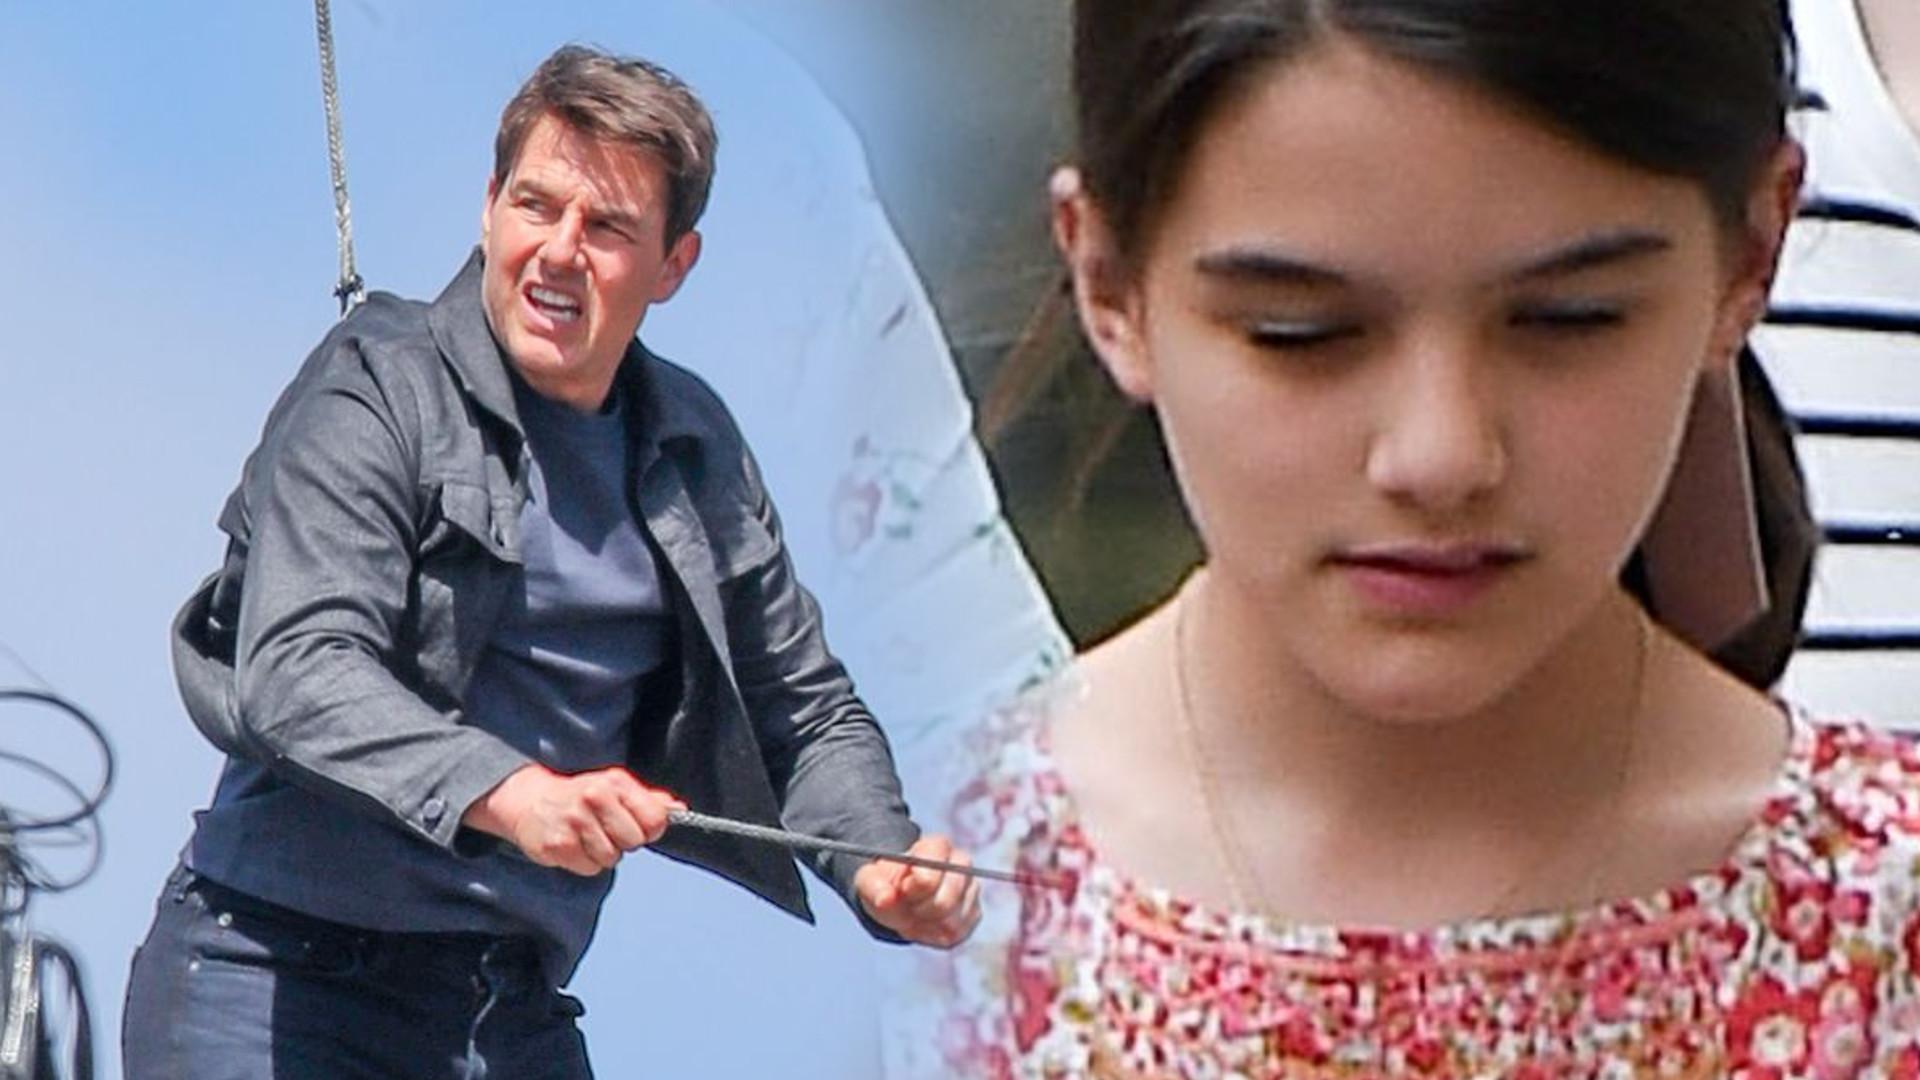 Katie Holmes powiedziała Suri, że Tom Cruise NIE JEST jej PRAWDZIWYM ojcem